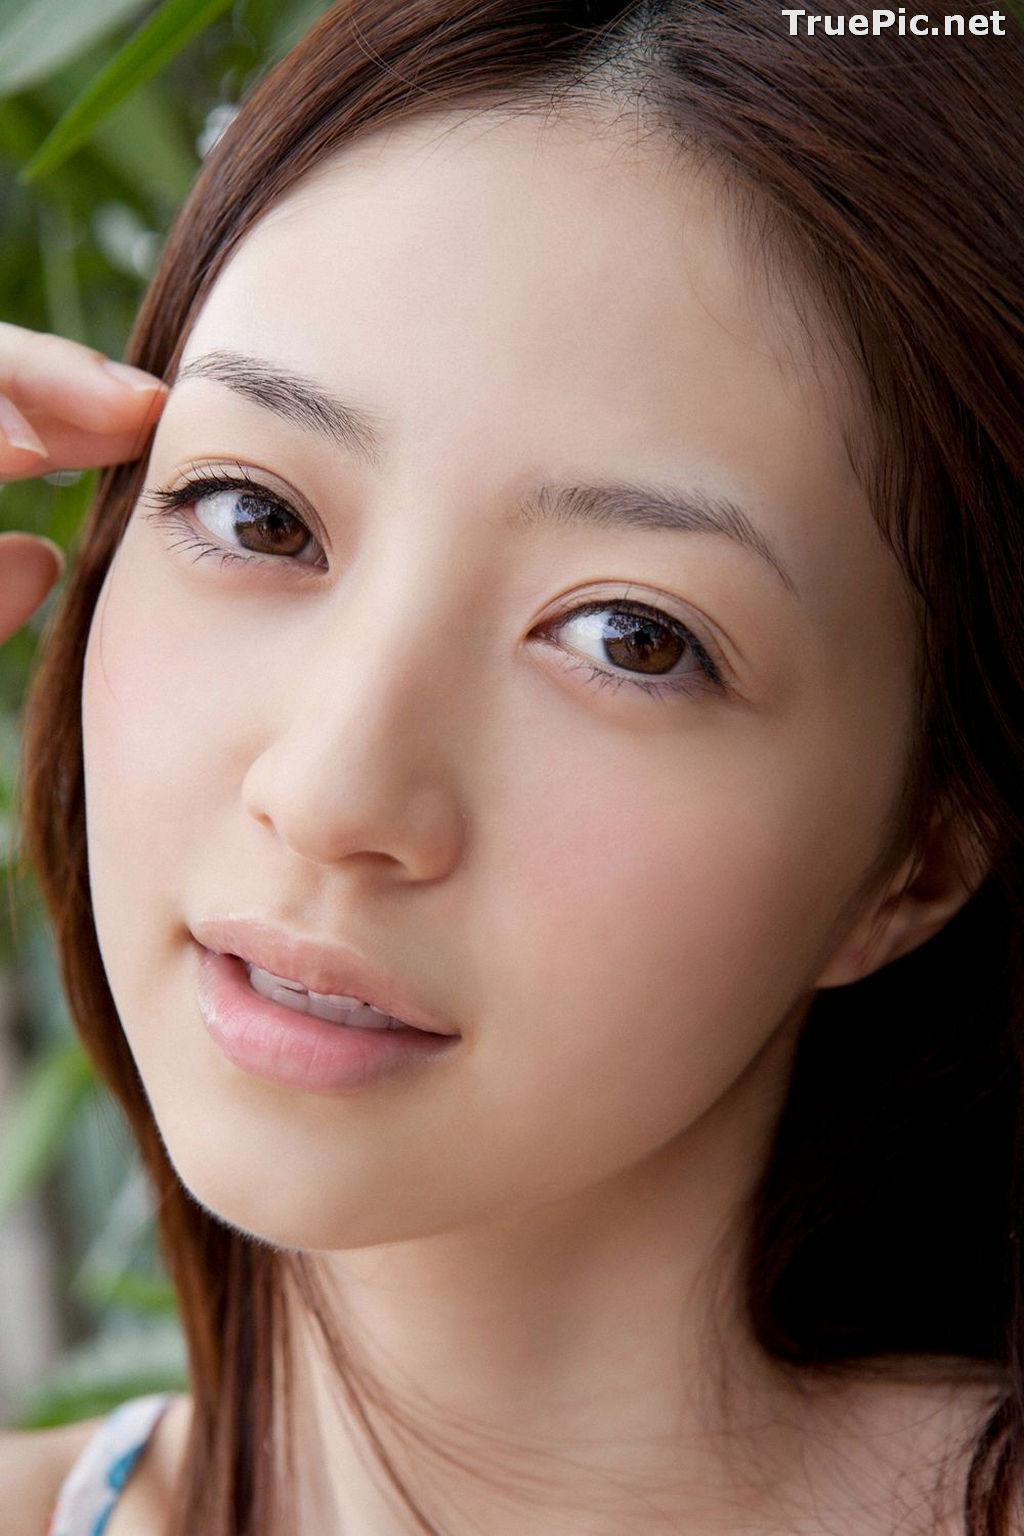 Image YS Web Vol.497 - Japanese Actress and Gravure Idol - Rina Aizawa - TruePic.net - Picture-7